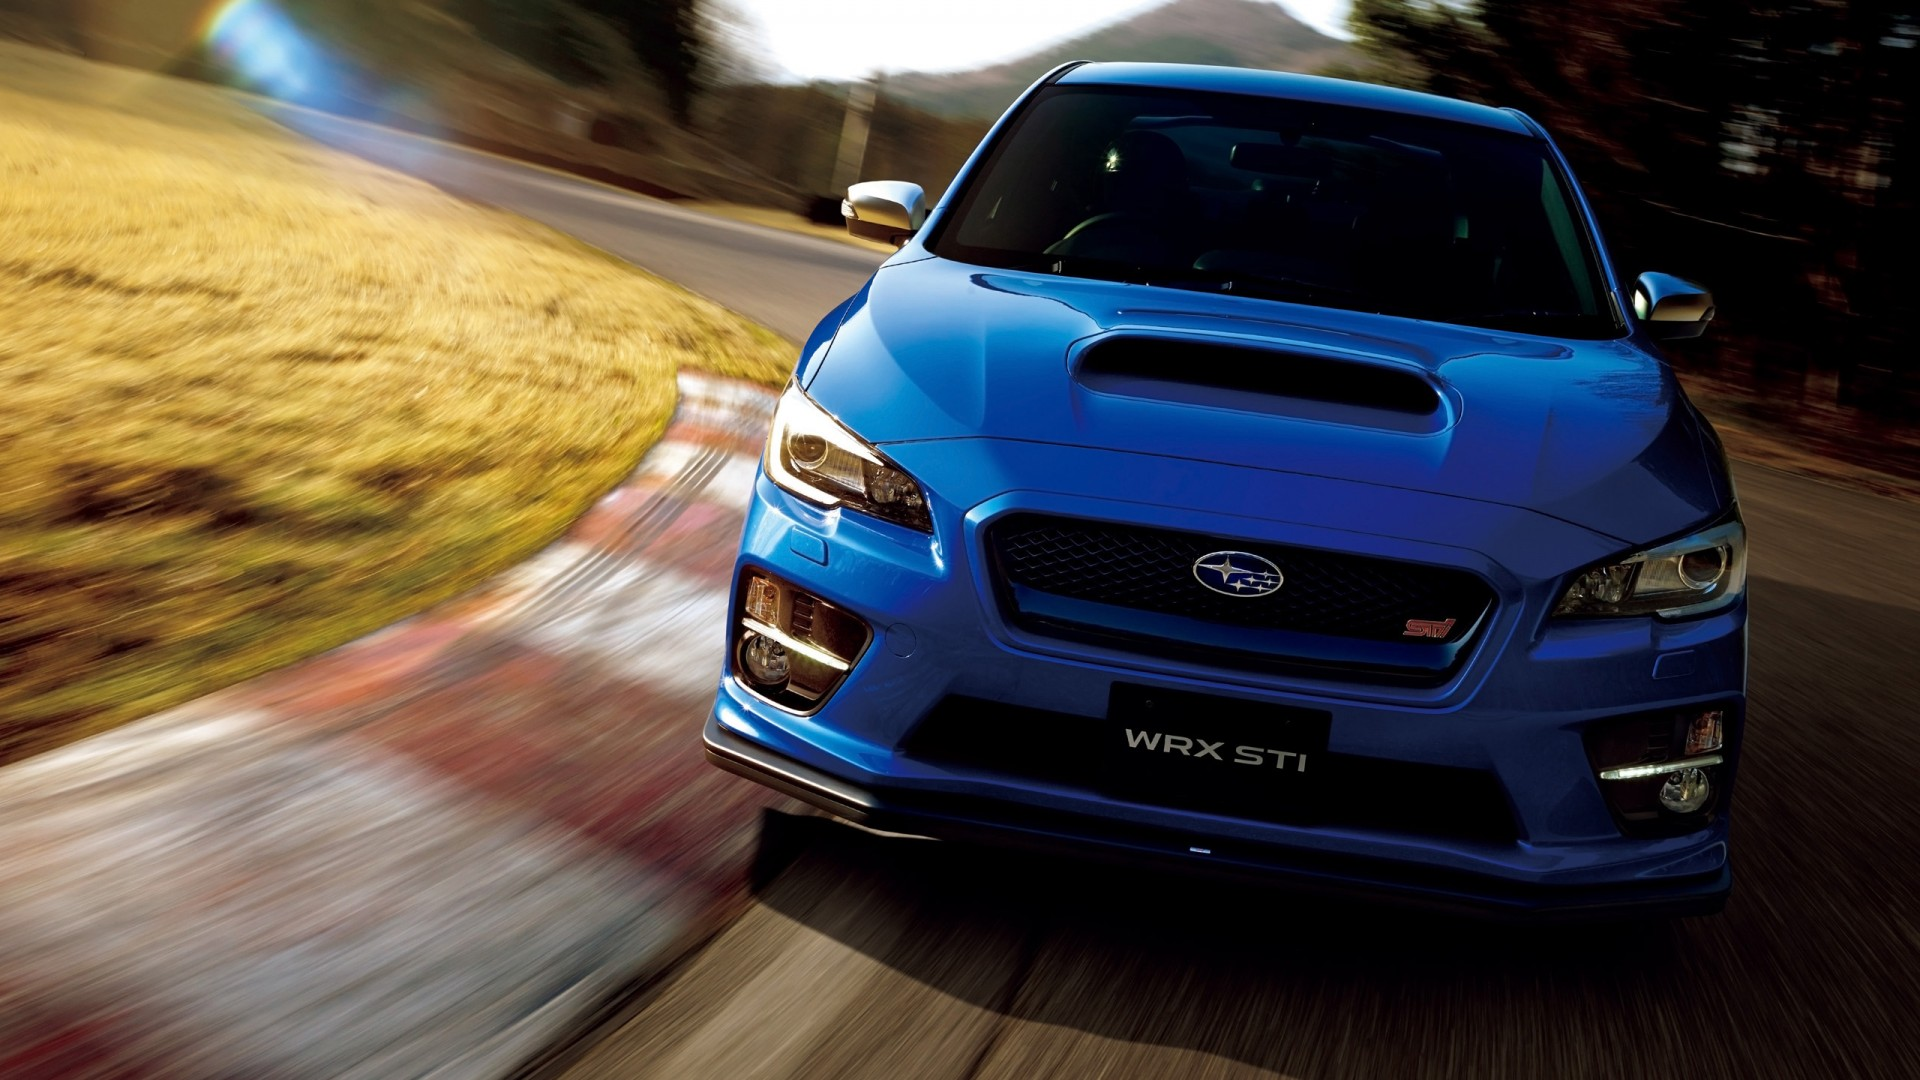 2015 Subaru WRX STI Japan Wallpaper | HD Car Wallpapers ...